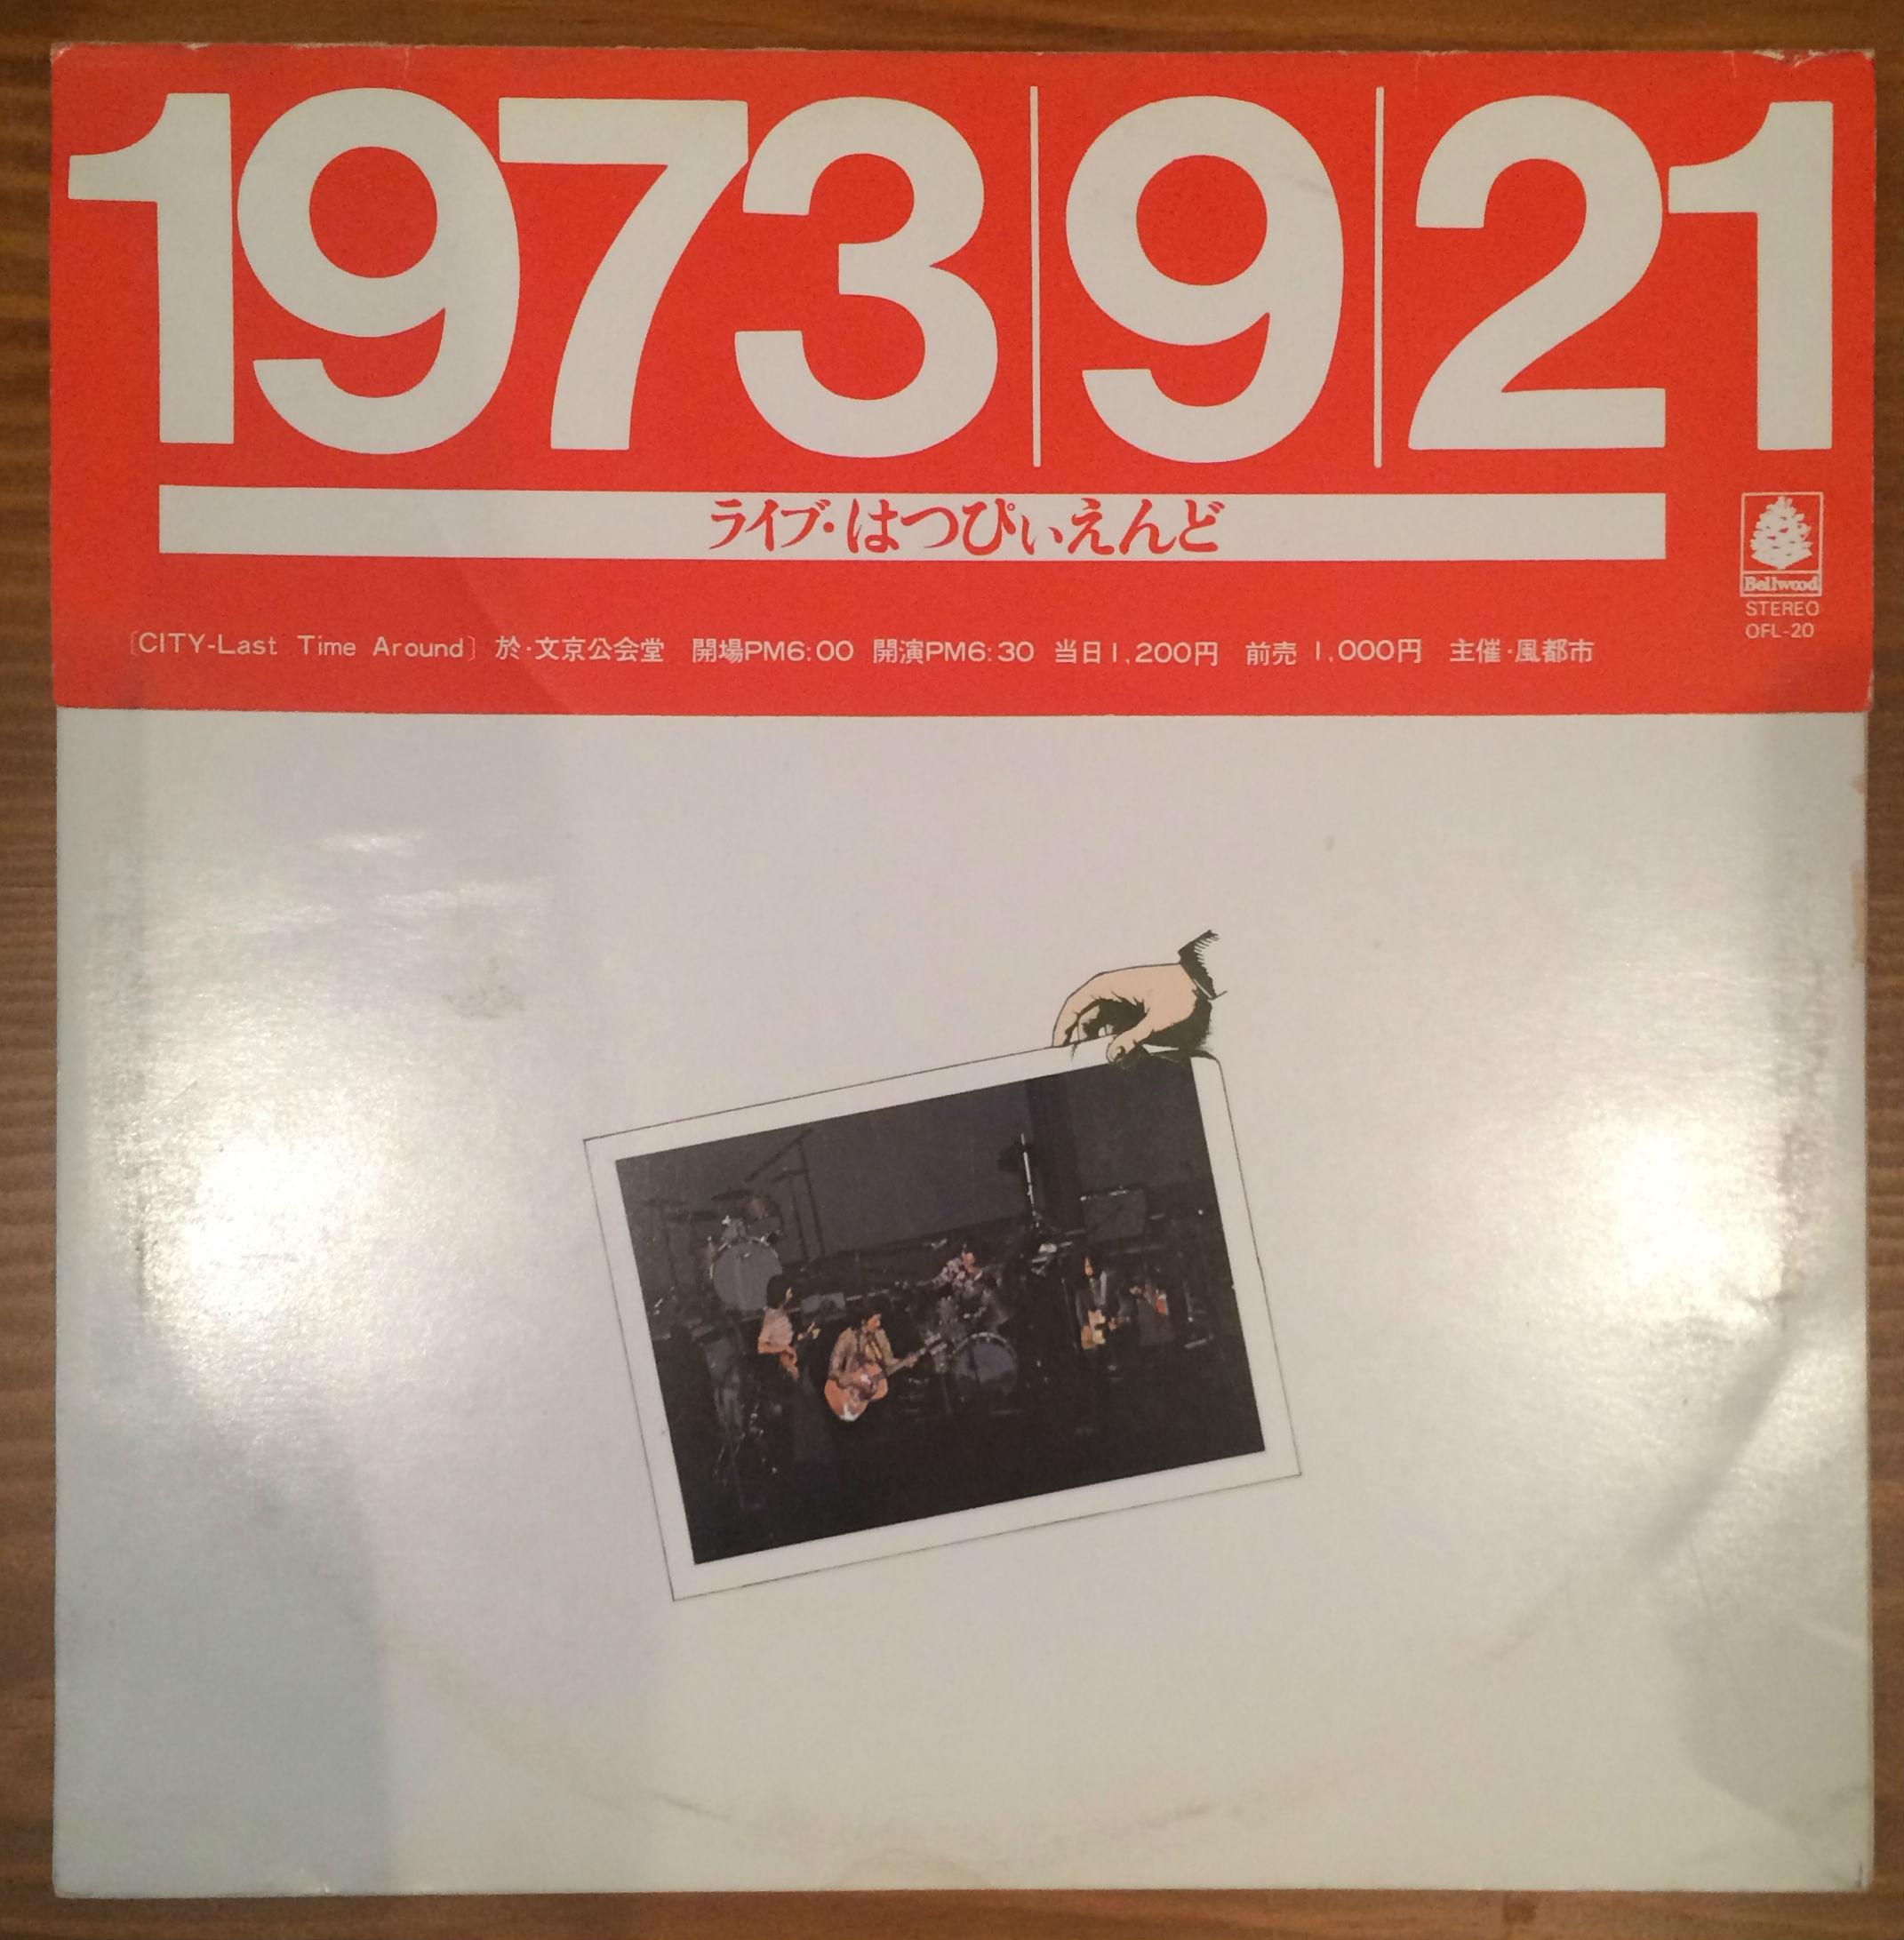 ●はっぴいえんど / ライヴ 1973/9/21